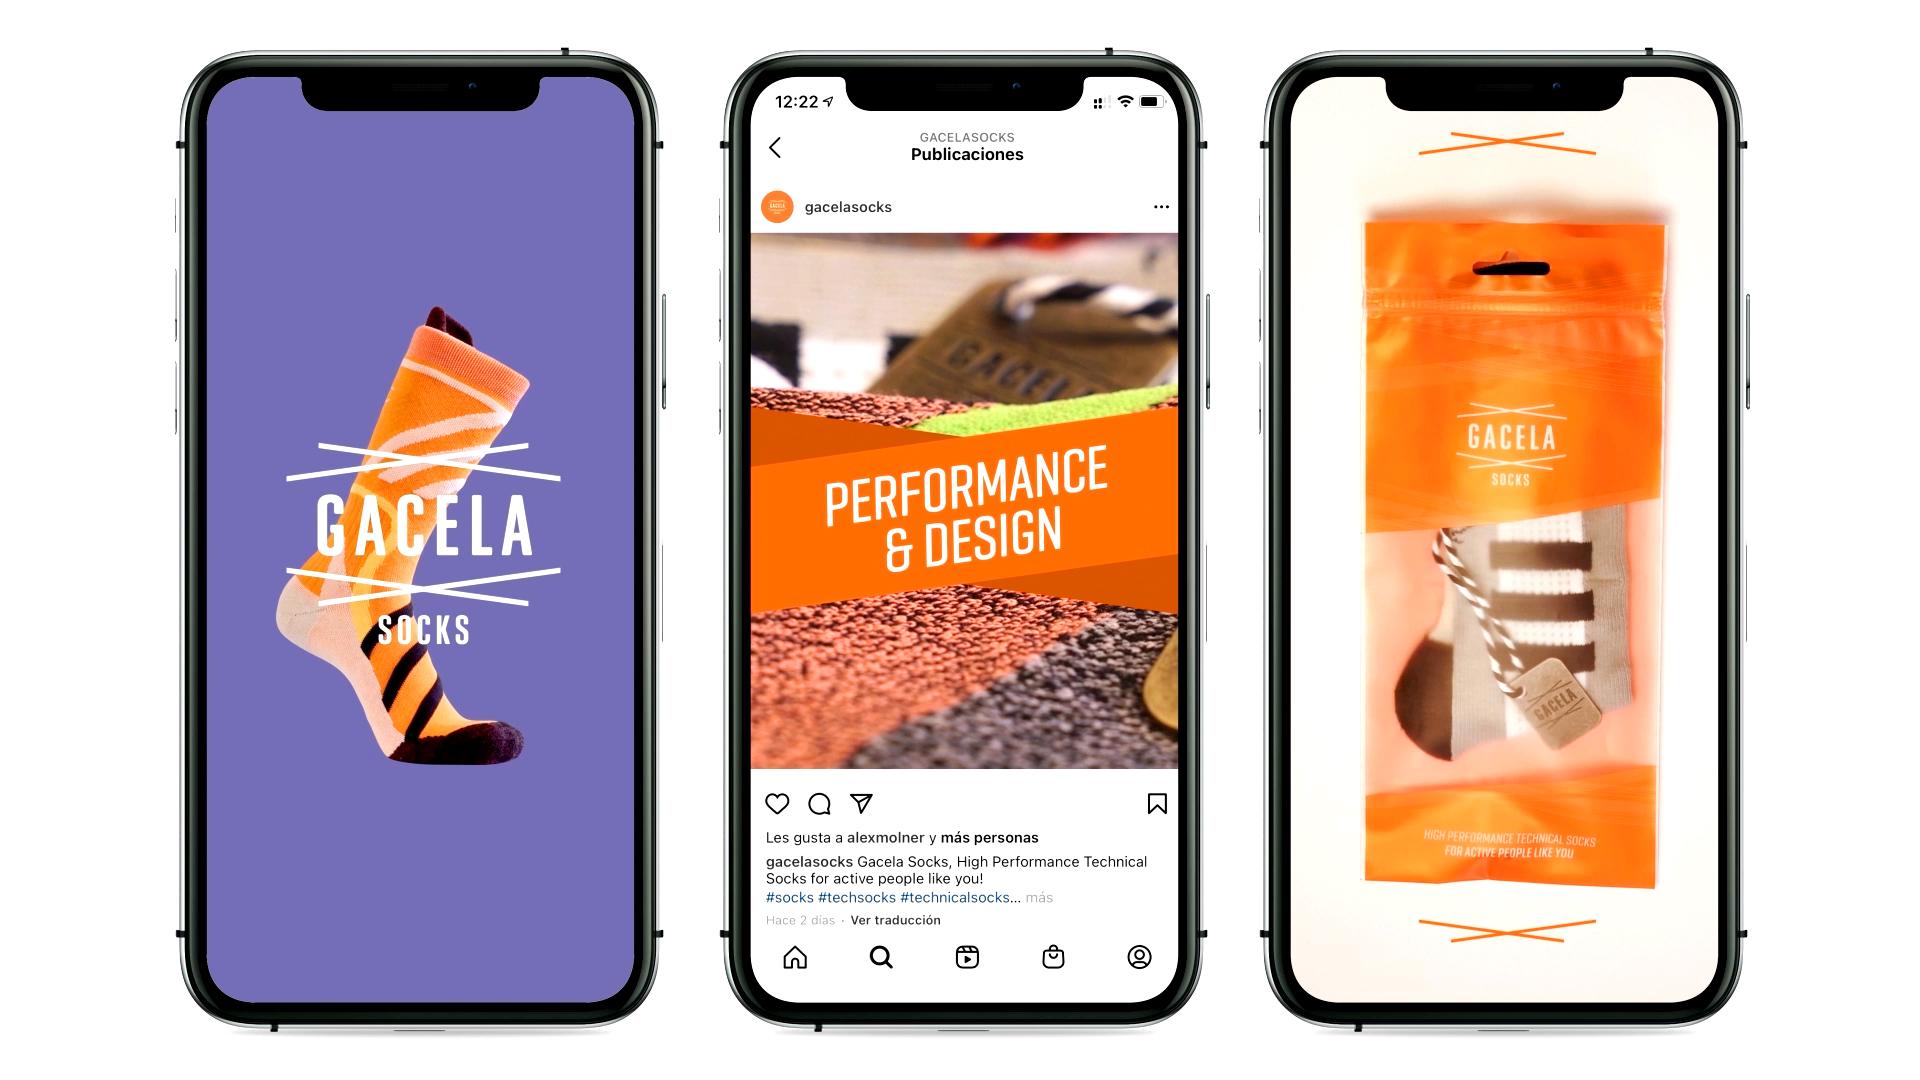 Diseño Marca y Motion Graphics Barcelona - Gacela - Vídeo Social Media 2